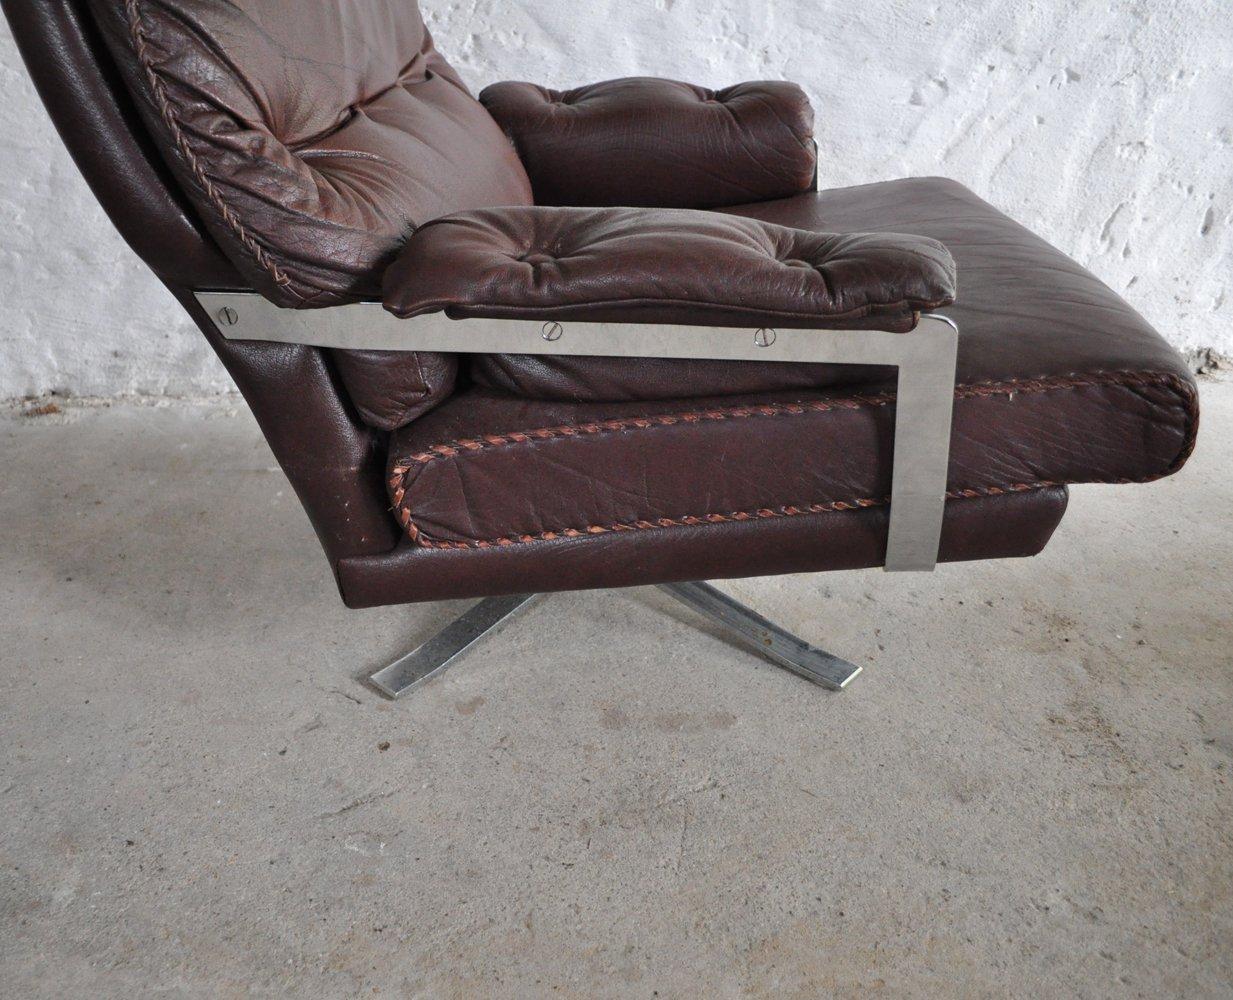 rotbrauner vintage sessel aus leder chrom mit hocker von. Black Bedroom Furniture Sets. Home Design Ideas